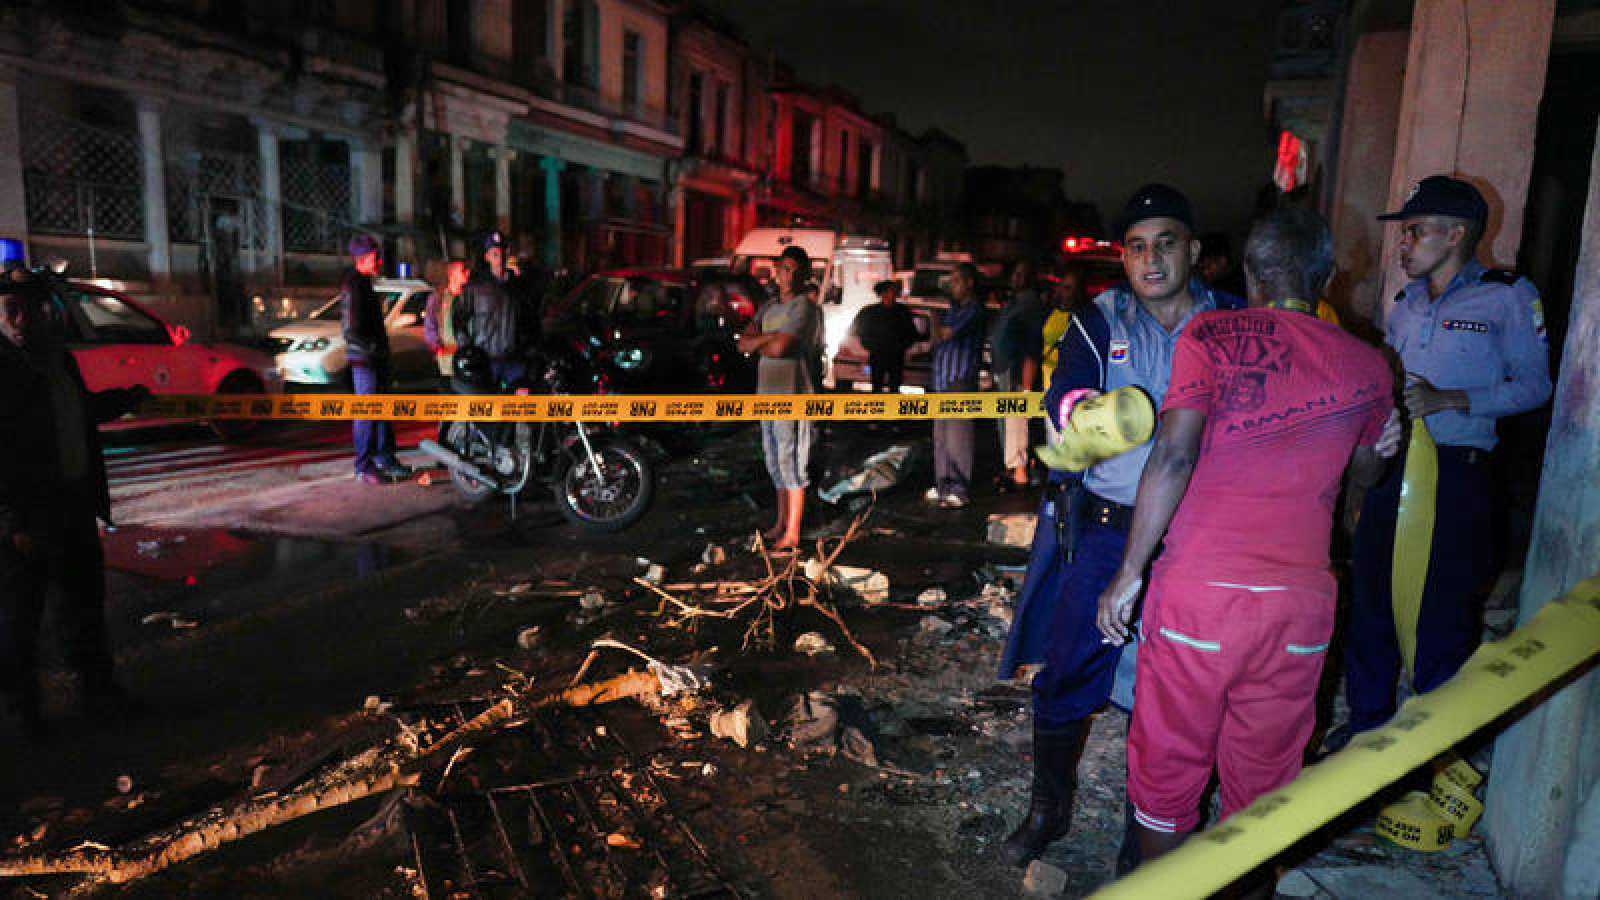 La policía cubana acorrala una calle en el vecindario de Luyano en La Habana, azotado por un tornado, el 28 de enero de 2019